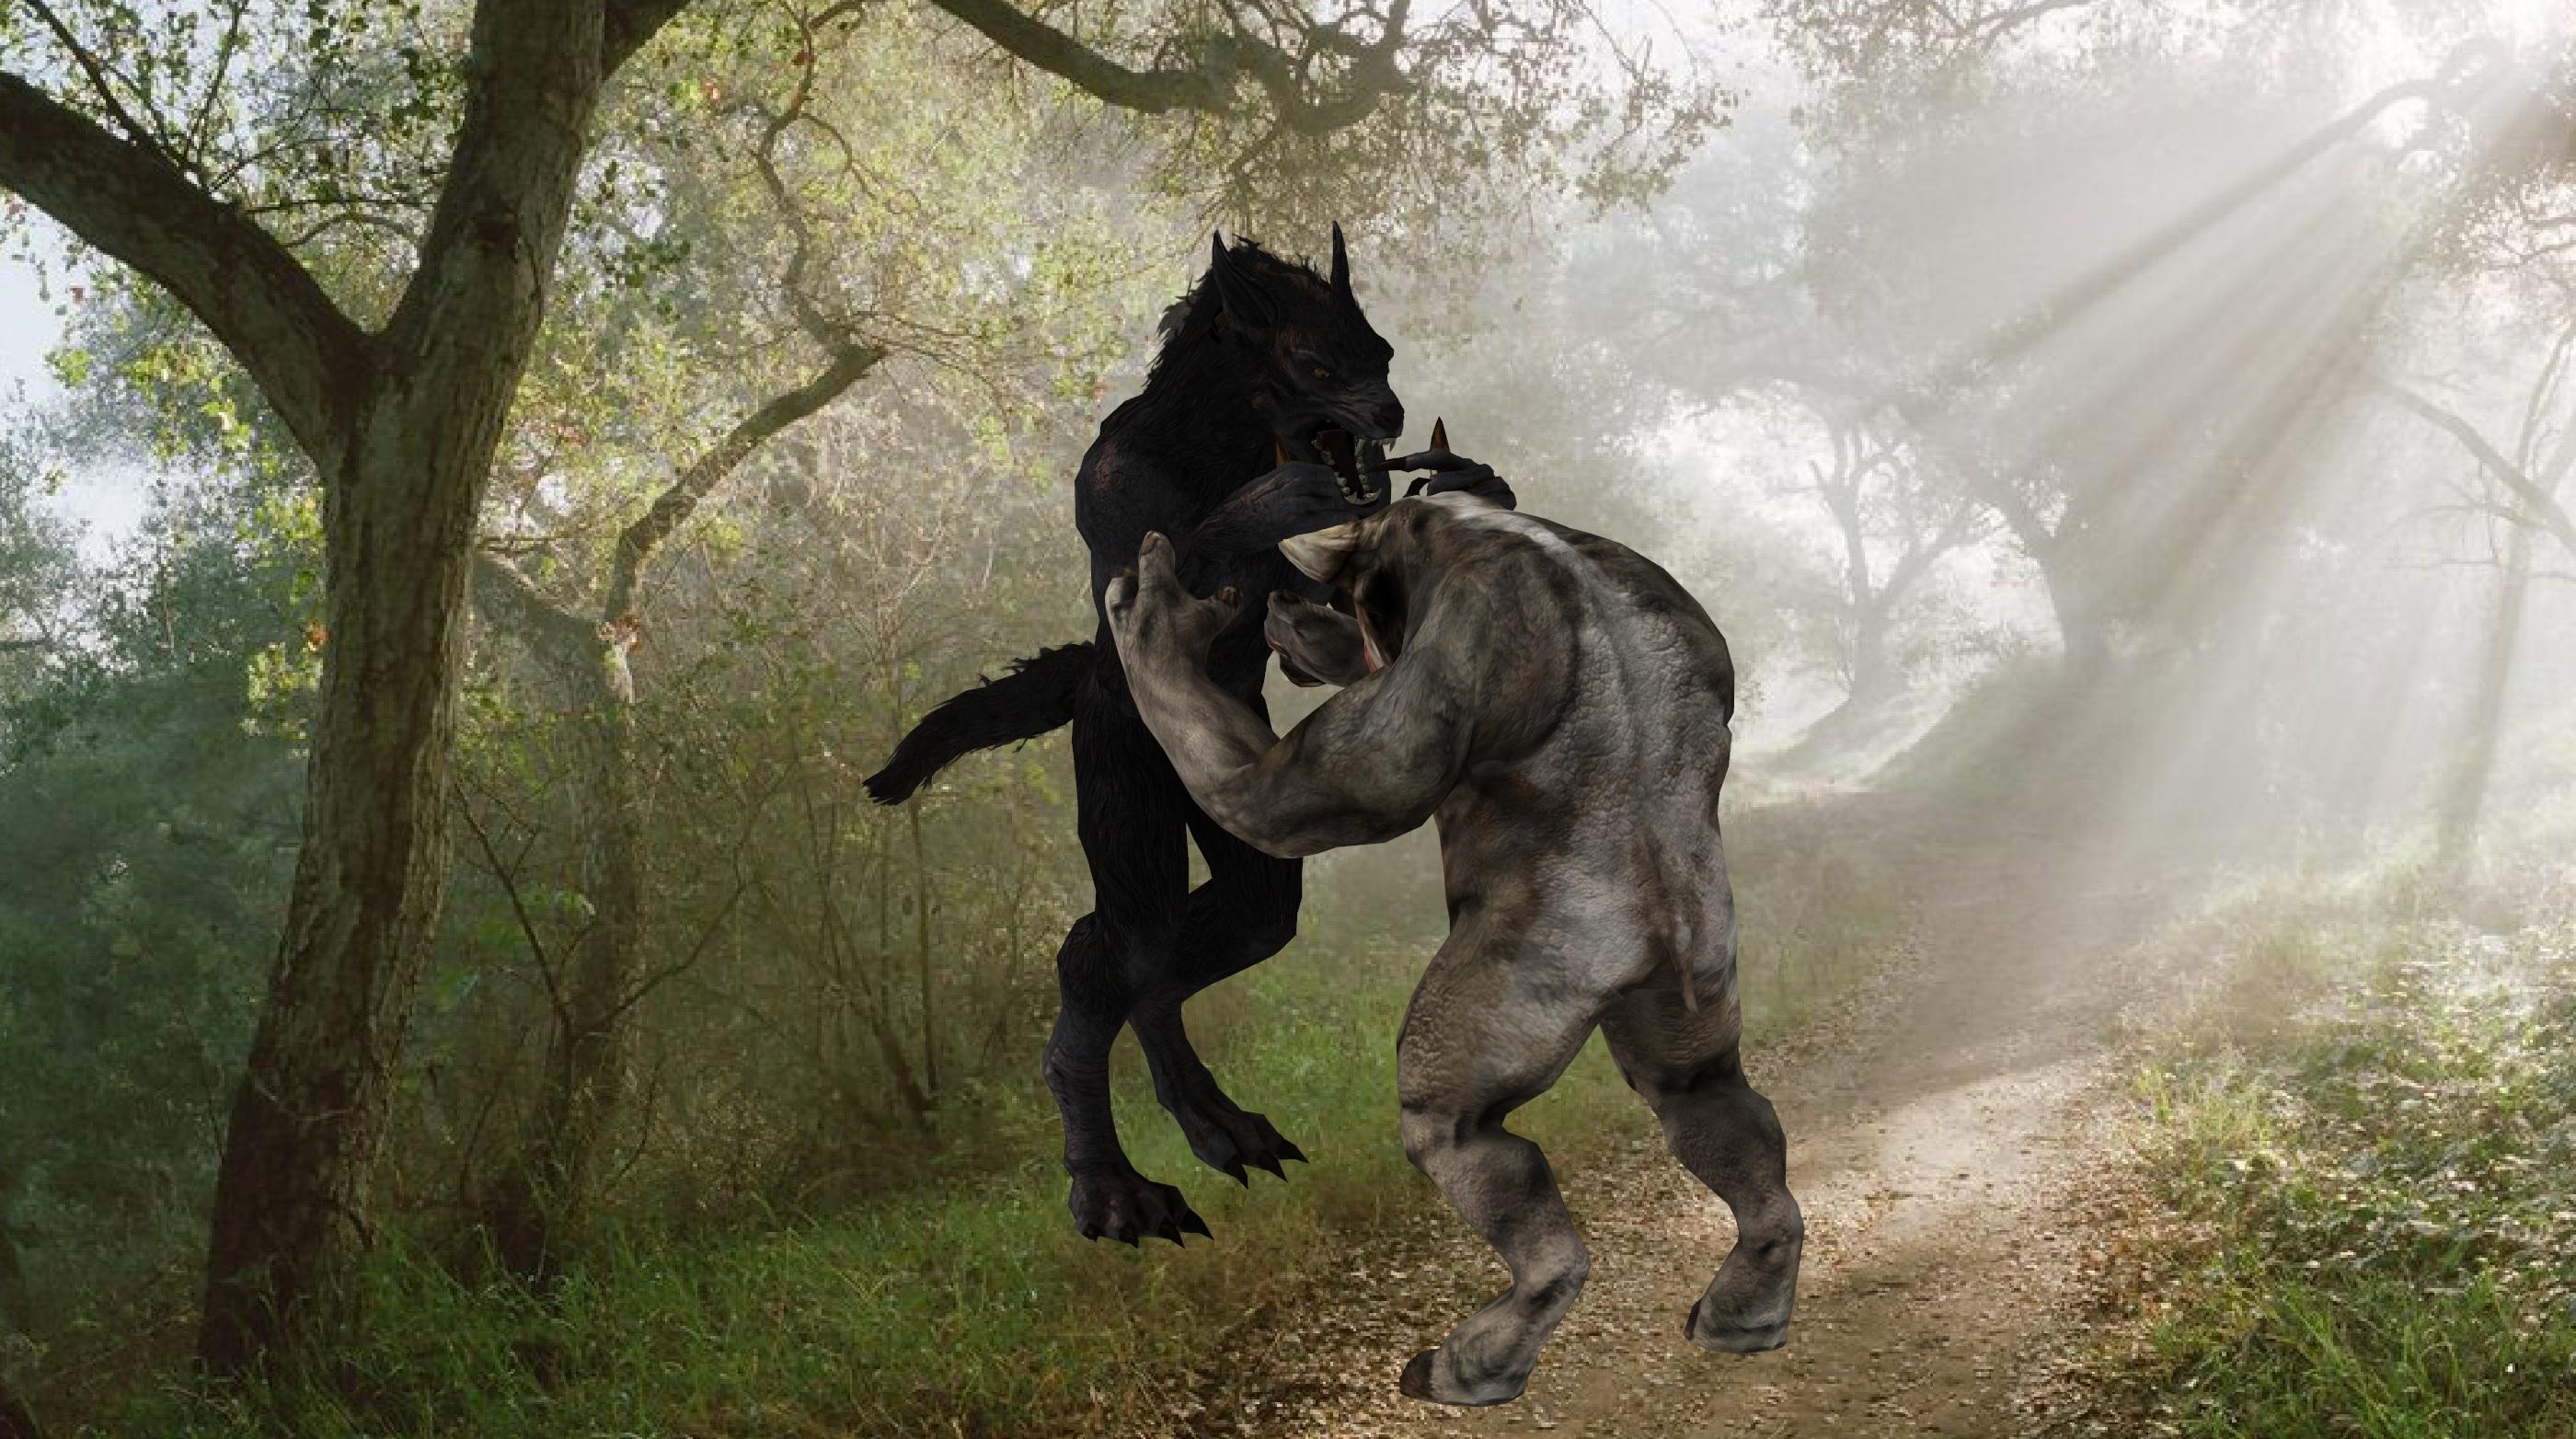 werewolf vs minotaur by DukeNukem69 on DeviantArt